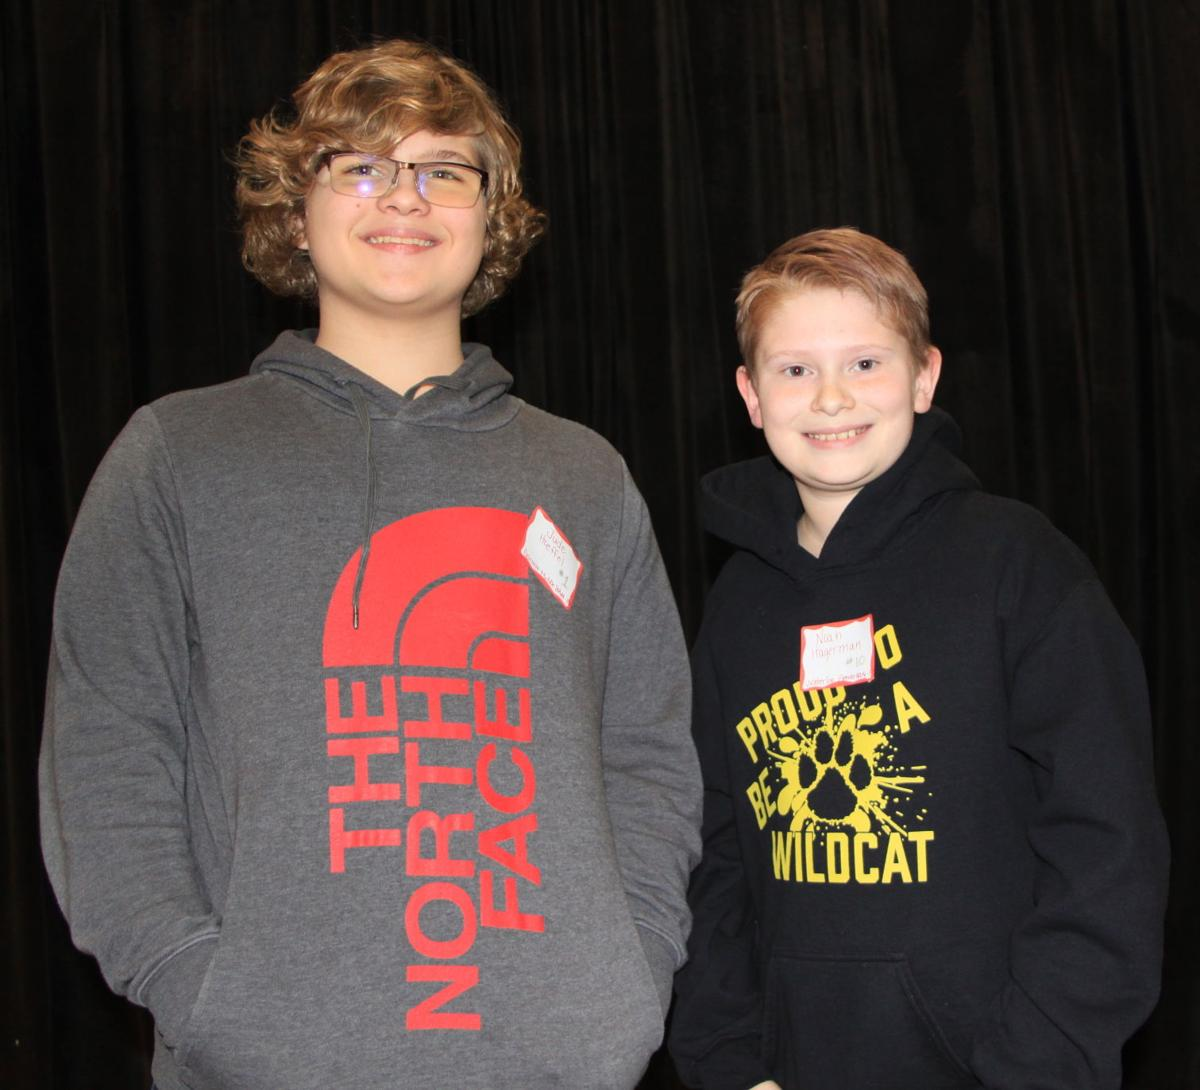 Jude Hoeffel, Noah Hagerman, DeKalb County spelling bee